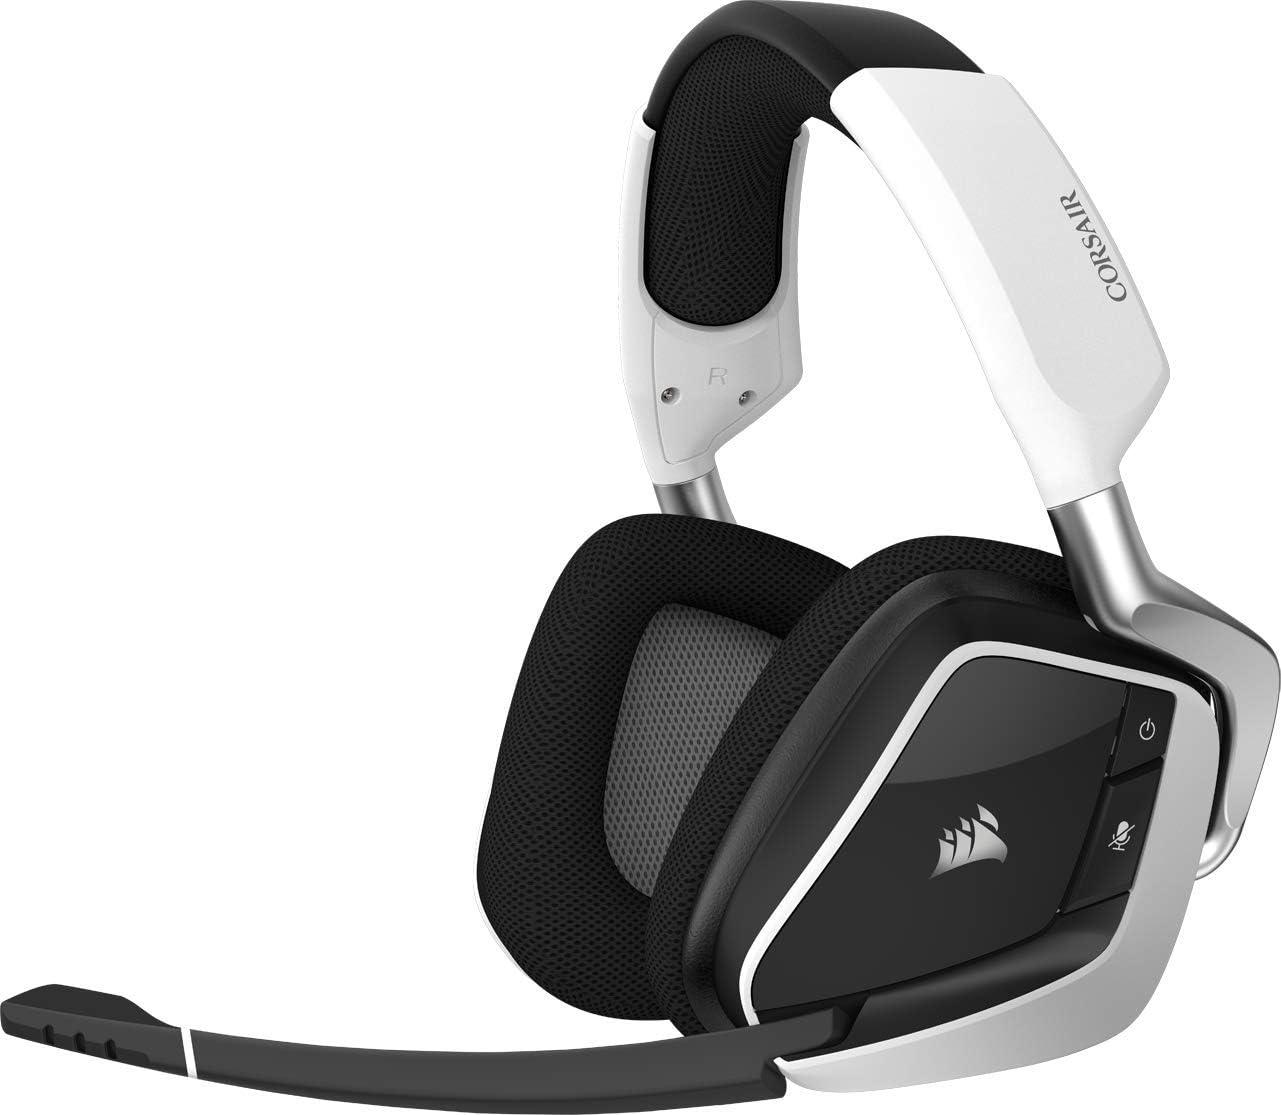 Corsair Void PRO RGB Wireless Auriculares para Juegos, 7.1 Sonido envolvente, Inalámbrico de 2,4 GHz de baja latencia, 12 m de alcance, Personalizable Iluminación LED RGB, color Blanco